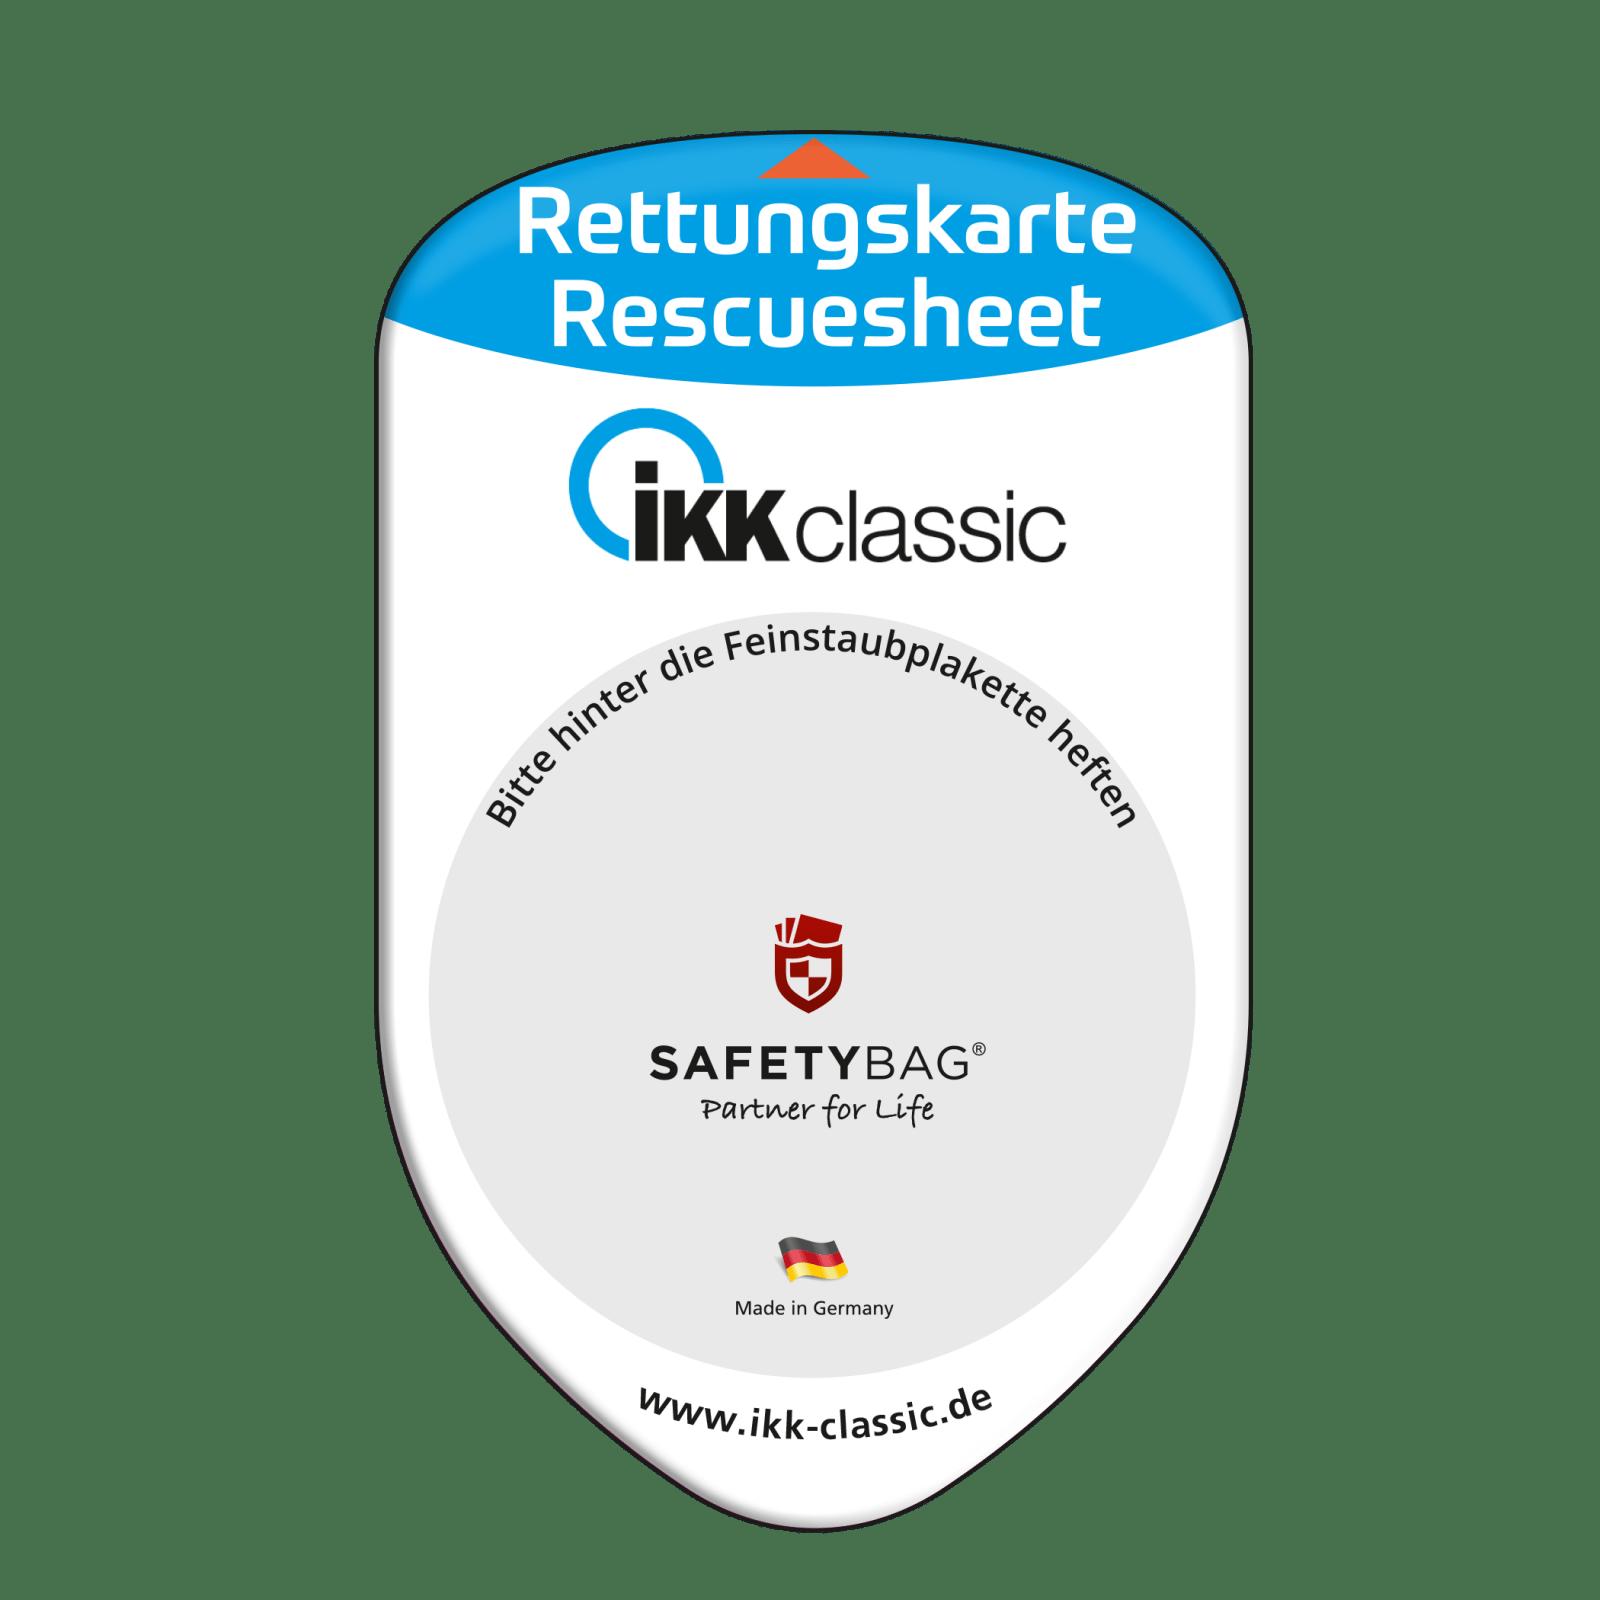 Werbung Referenzen Unternehmen IKK-classic – SAFETYBAG® –Die Rettungskarten-Halterung Hülle Tasche für jedes Auto –für Fuhrpark Mitarbeiter nachhaltiges Werbegeschenk Give-away